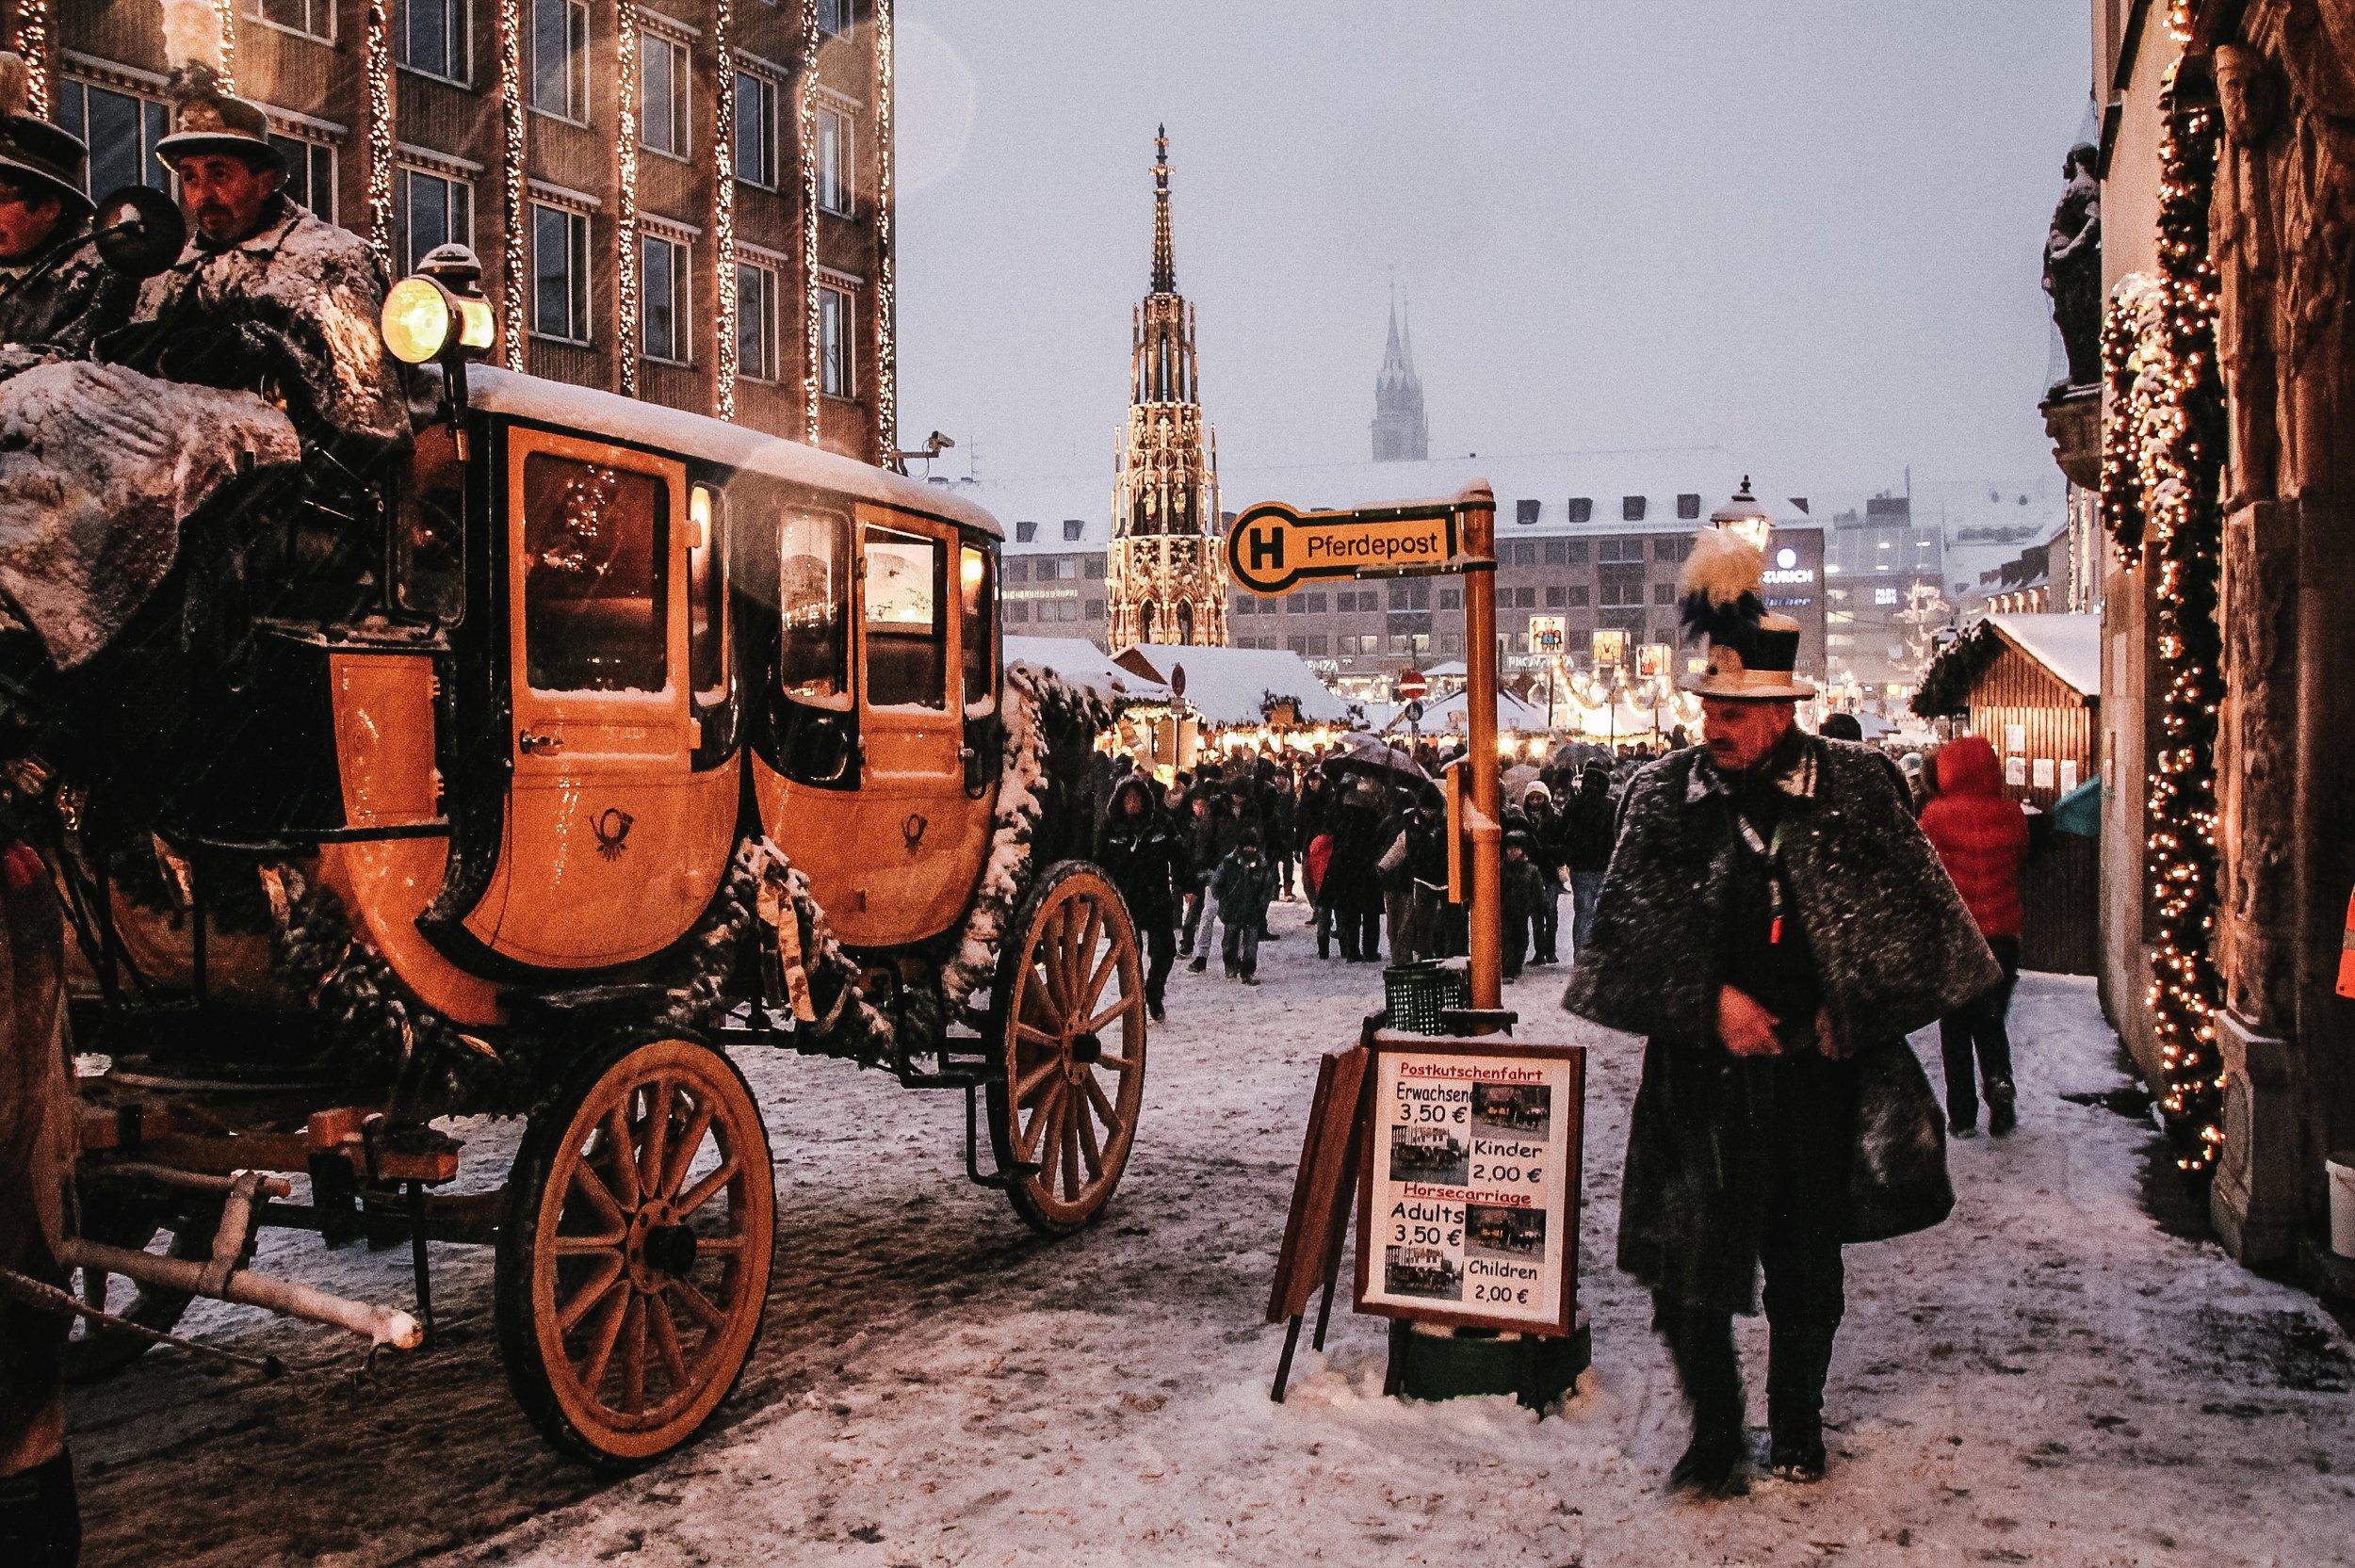 IMG 2230 - Um mini guia para mercados de Natal na Alemanha